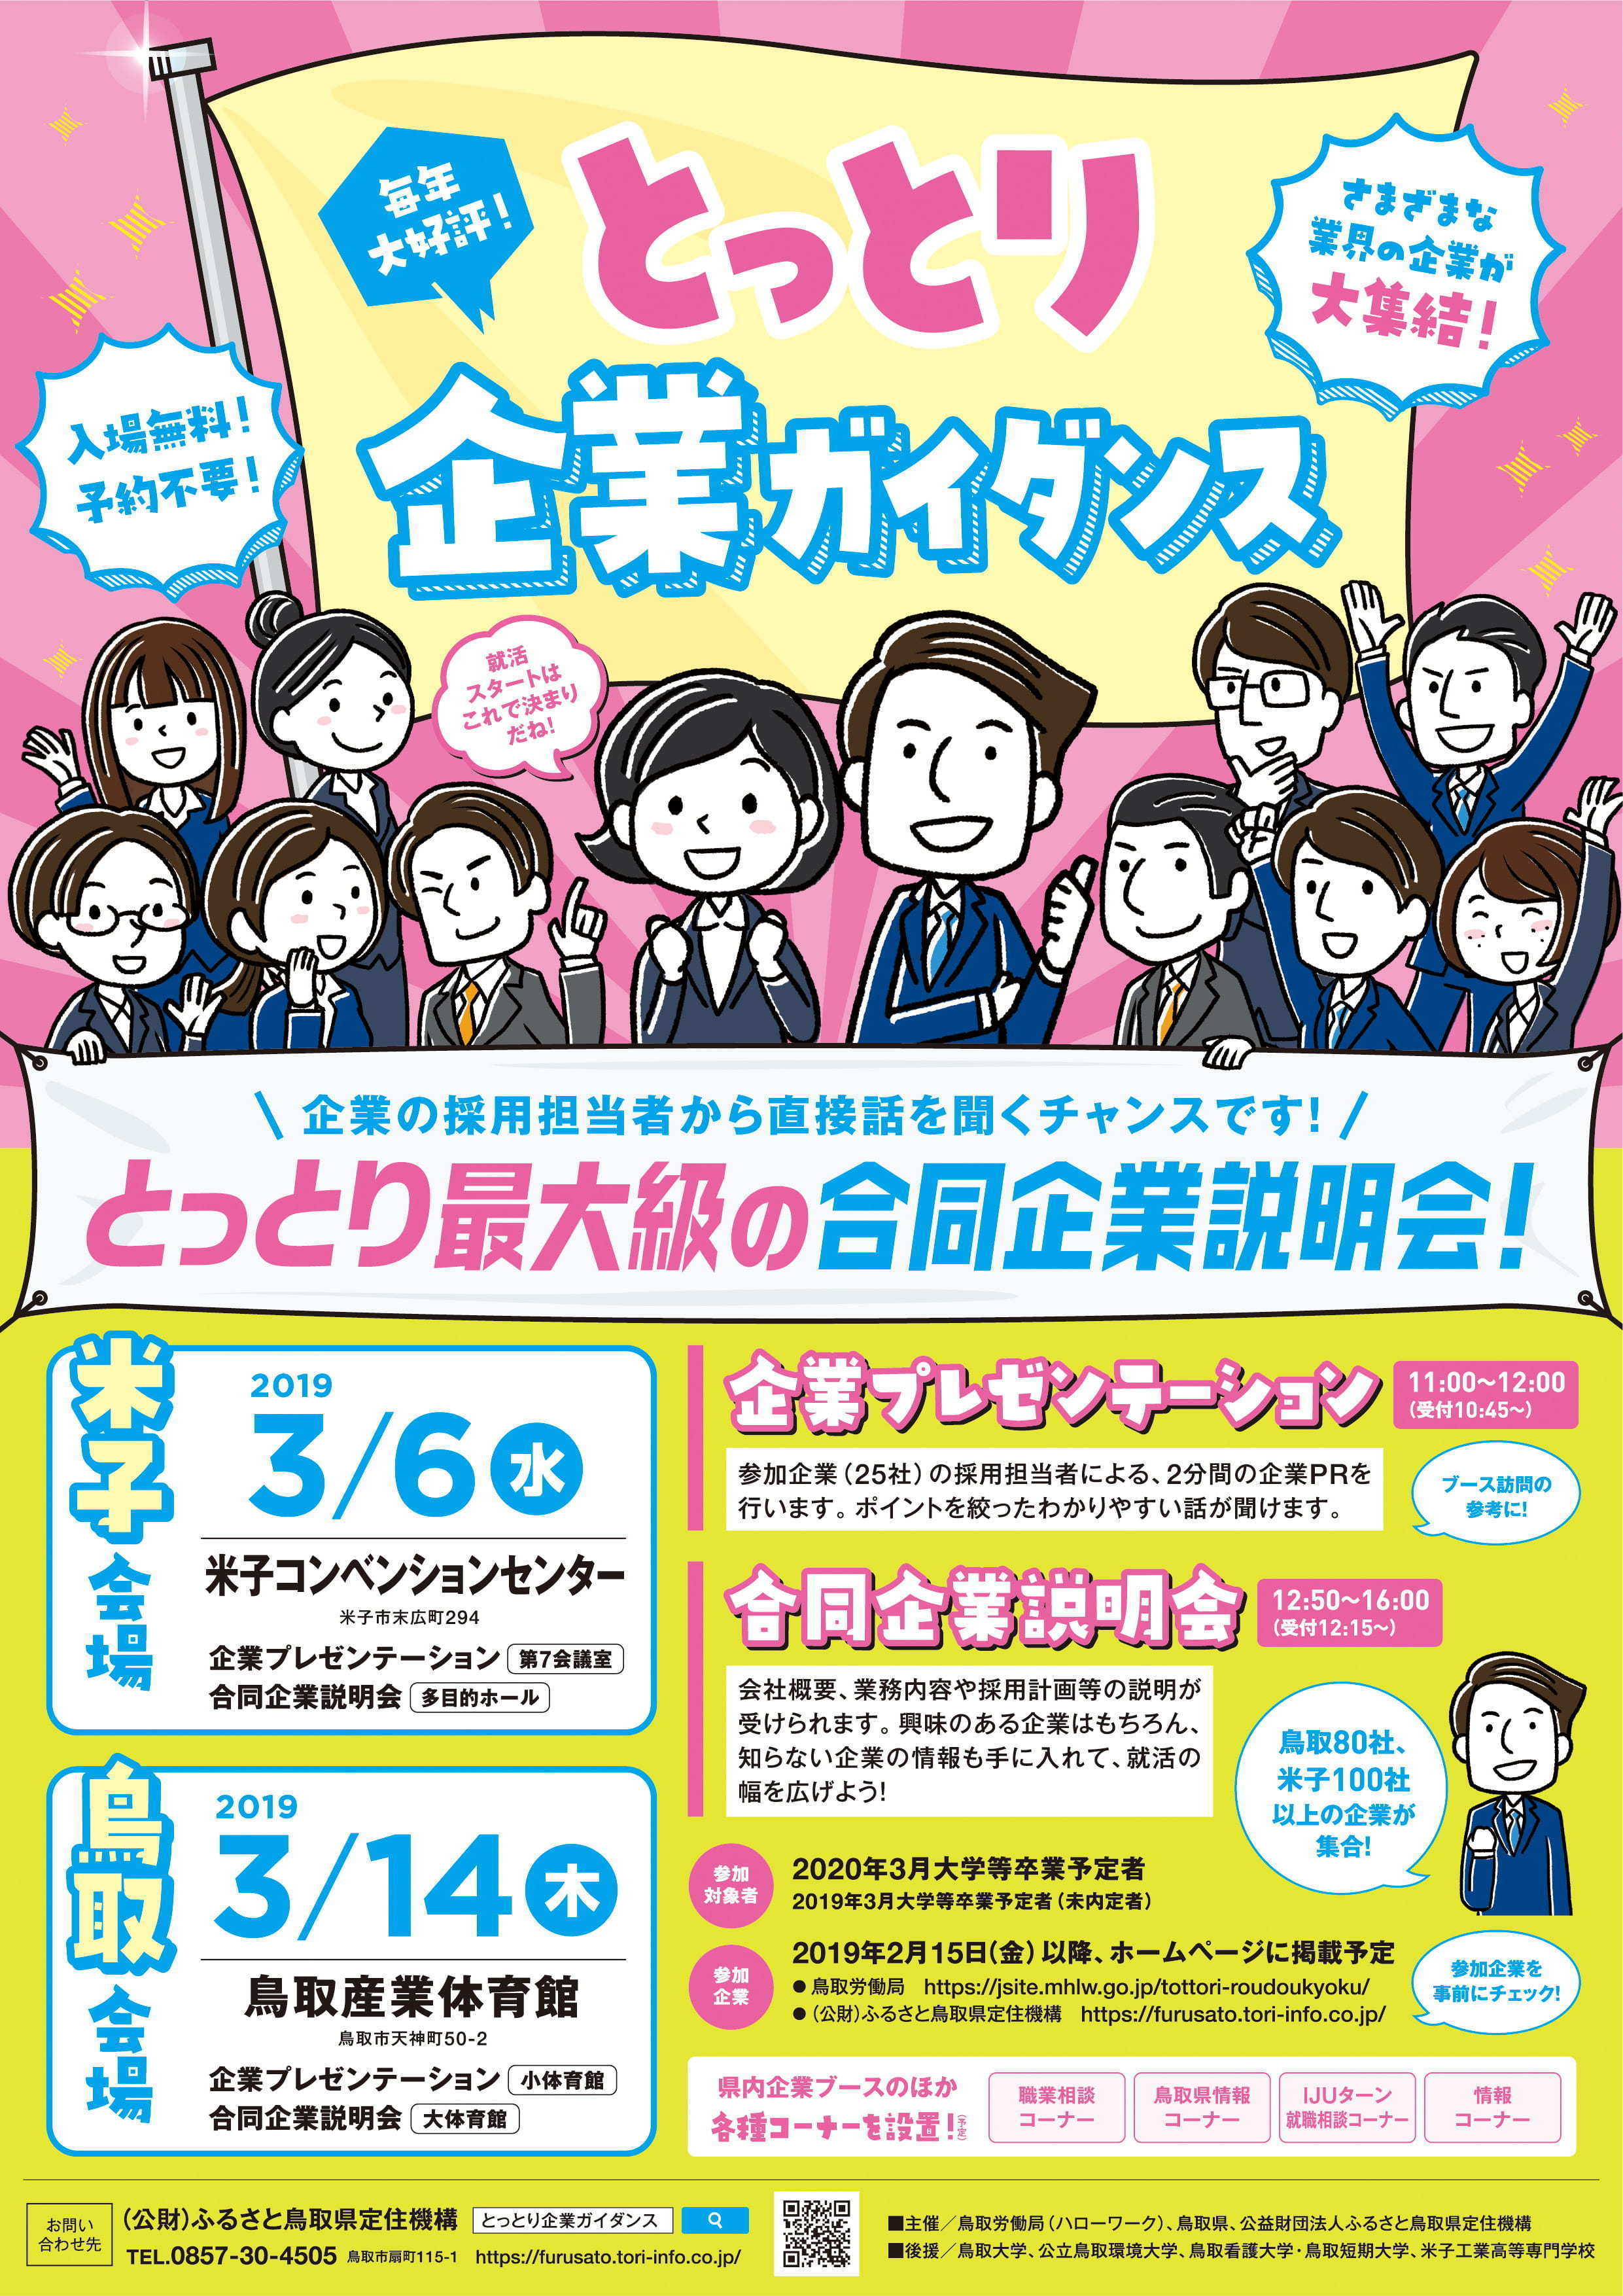 3/6開催 とっとり企業ガイダンス米子会場に参加します。